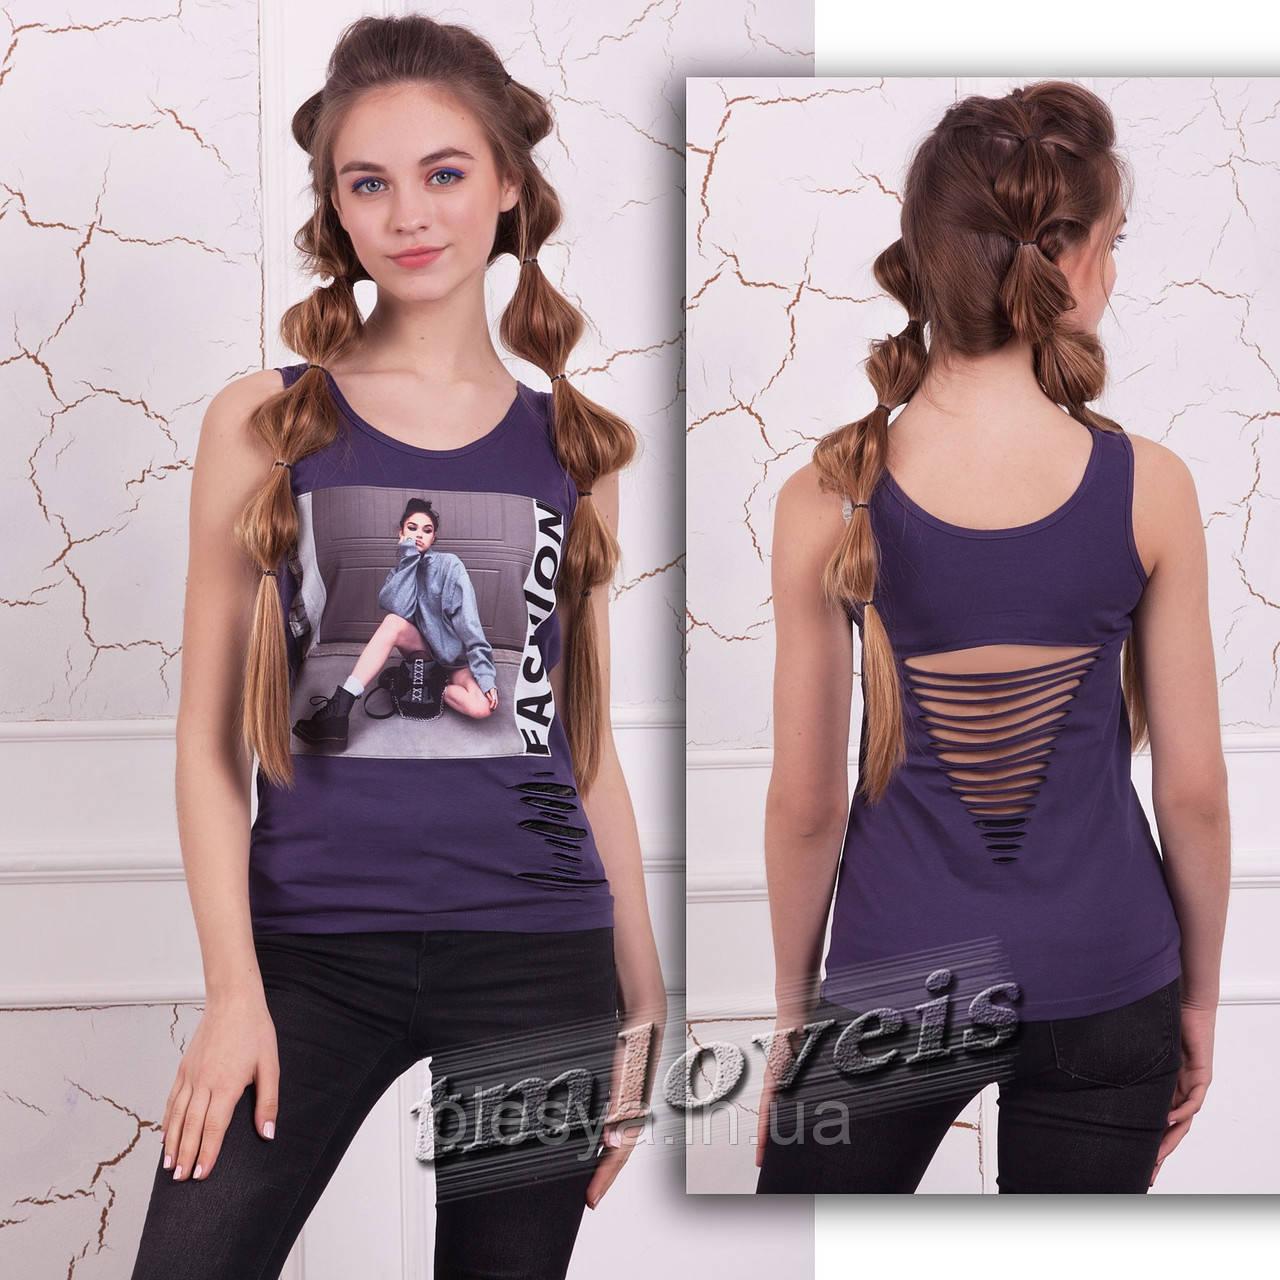 Майка Fashion 2 ТМ Loveis для девочек Размеры 140- 170